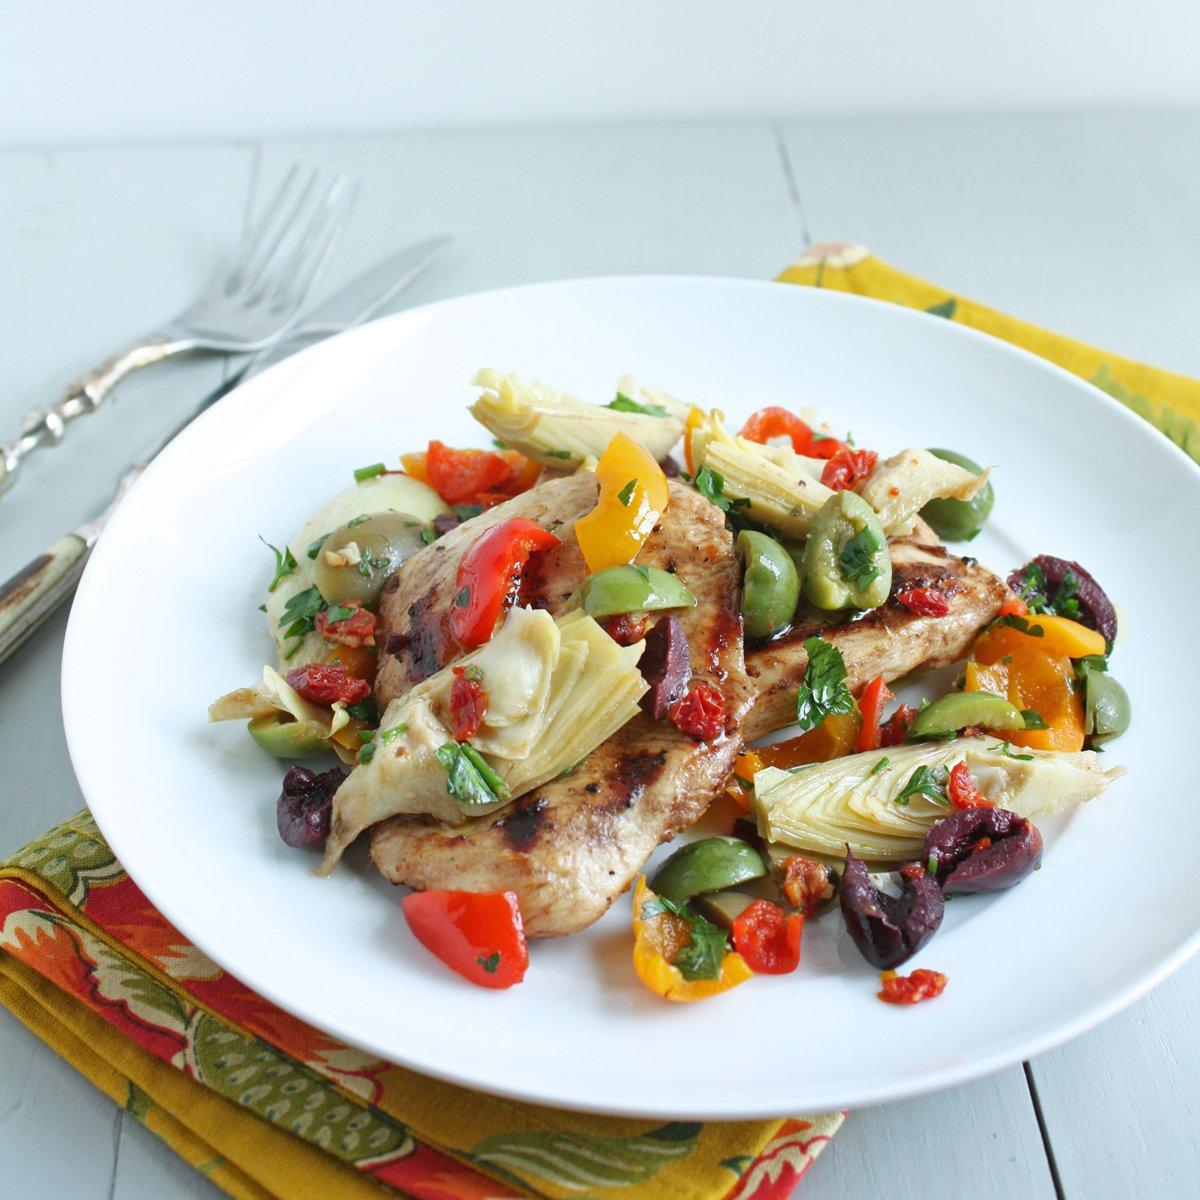 Balsamic Grilled Chicken with Mediterranean Salsa